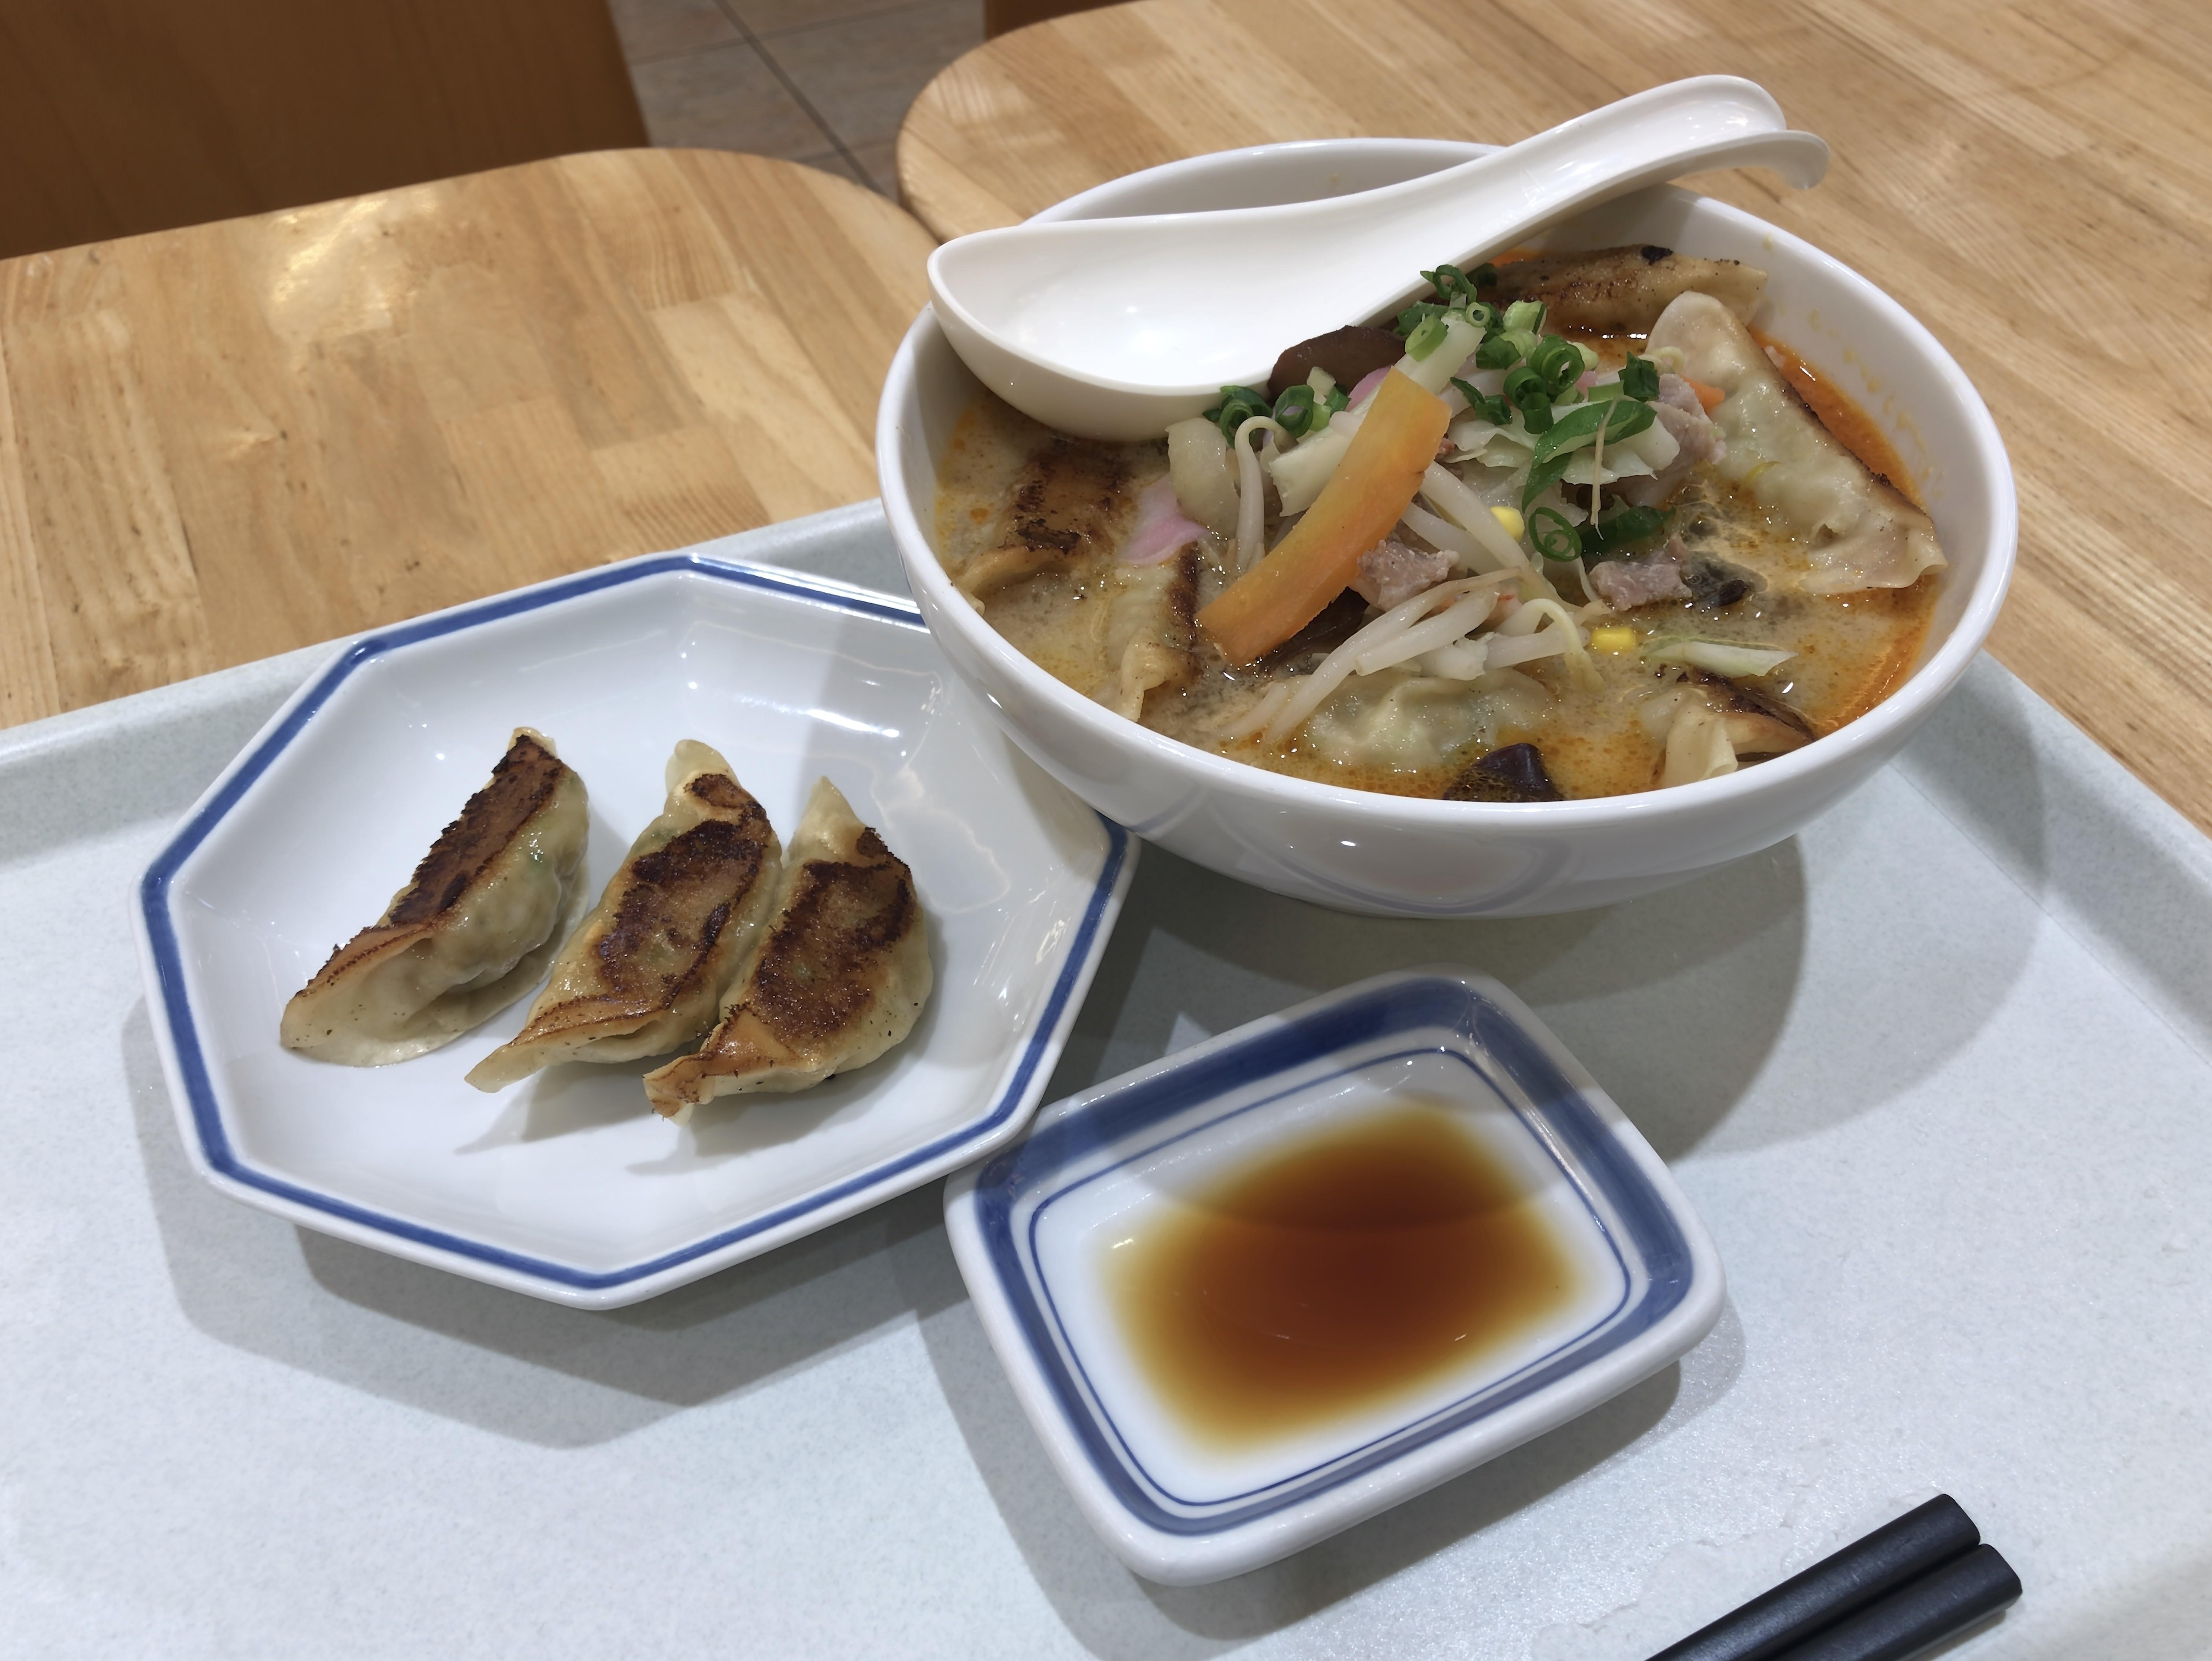 リンガーハット ぎょうざちゃんぽん 税込み842円 餃子3個(サービス券